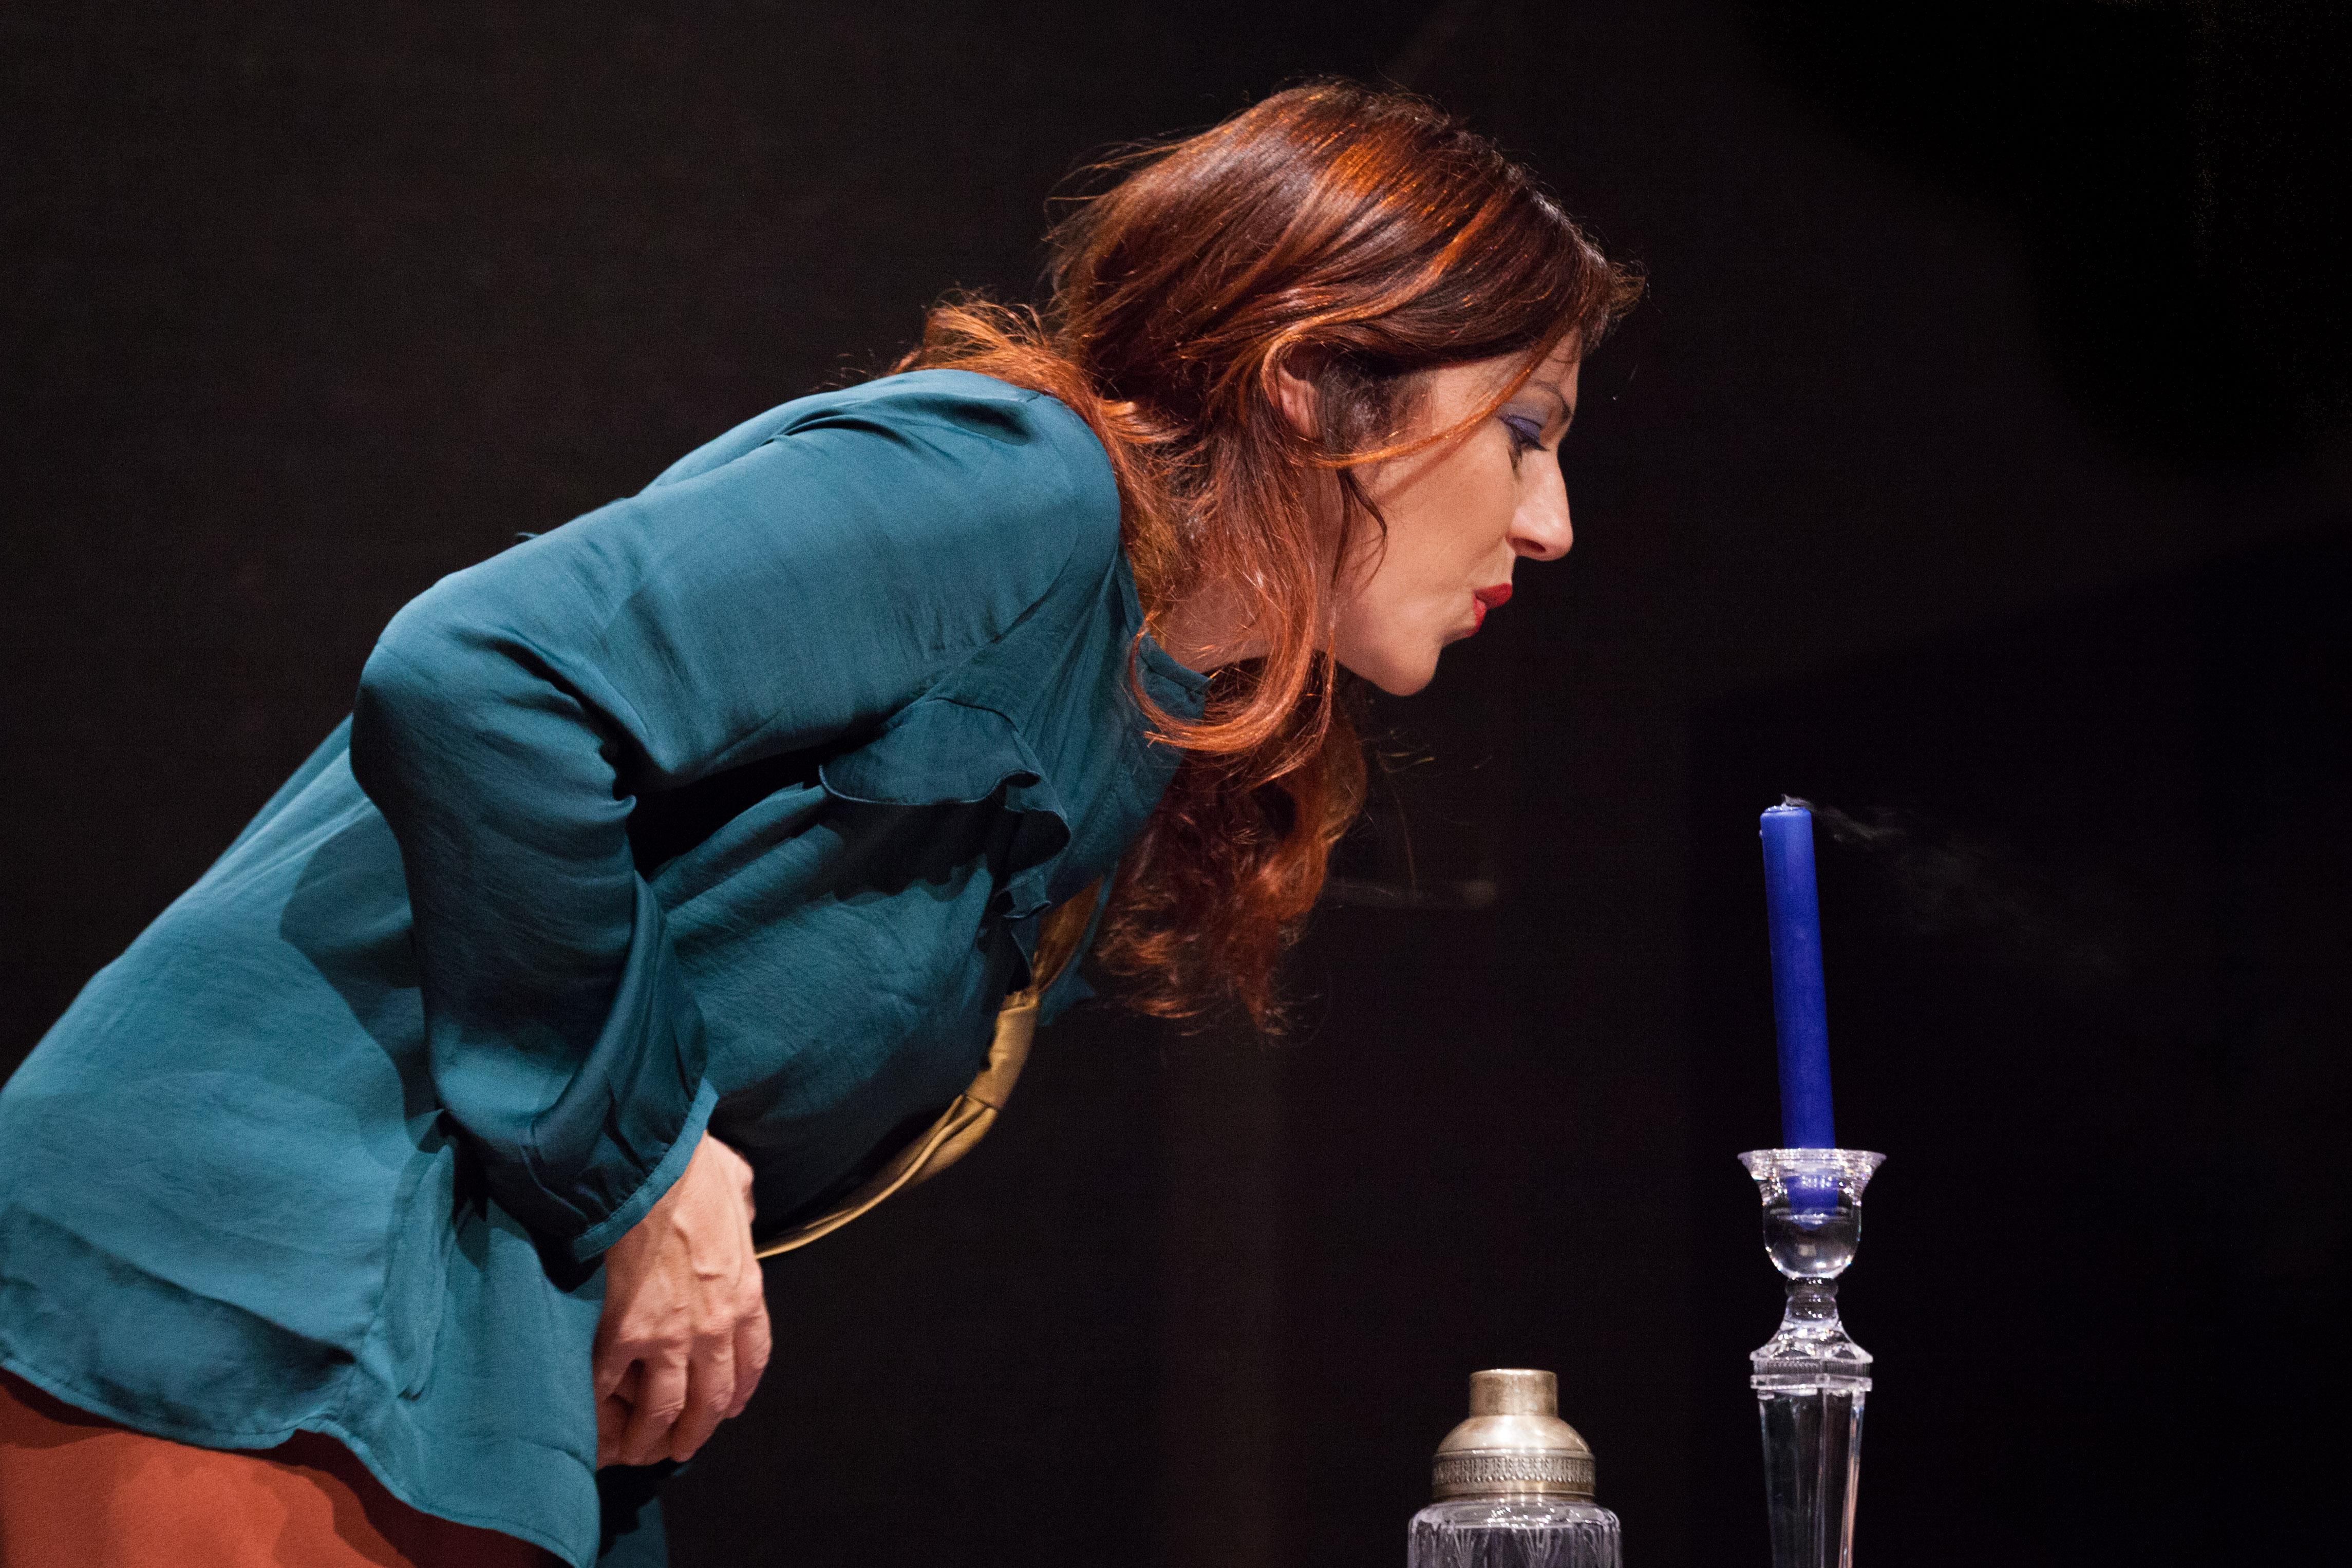 Il mio racconto del debutto di ieri al Teatro Menotti di Milano. Magnifica metafora, la fisica. E 400 persone di pubblico!!!